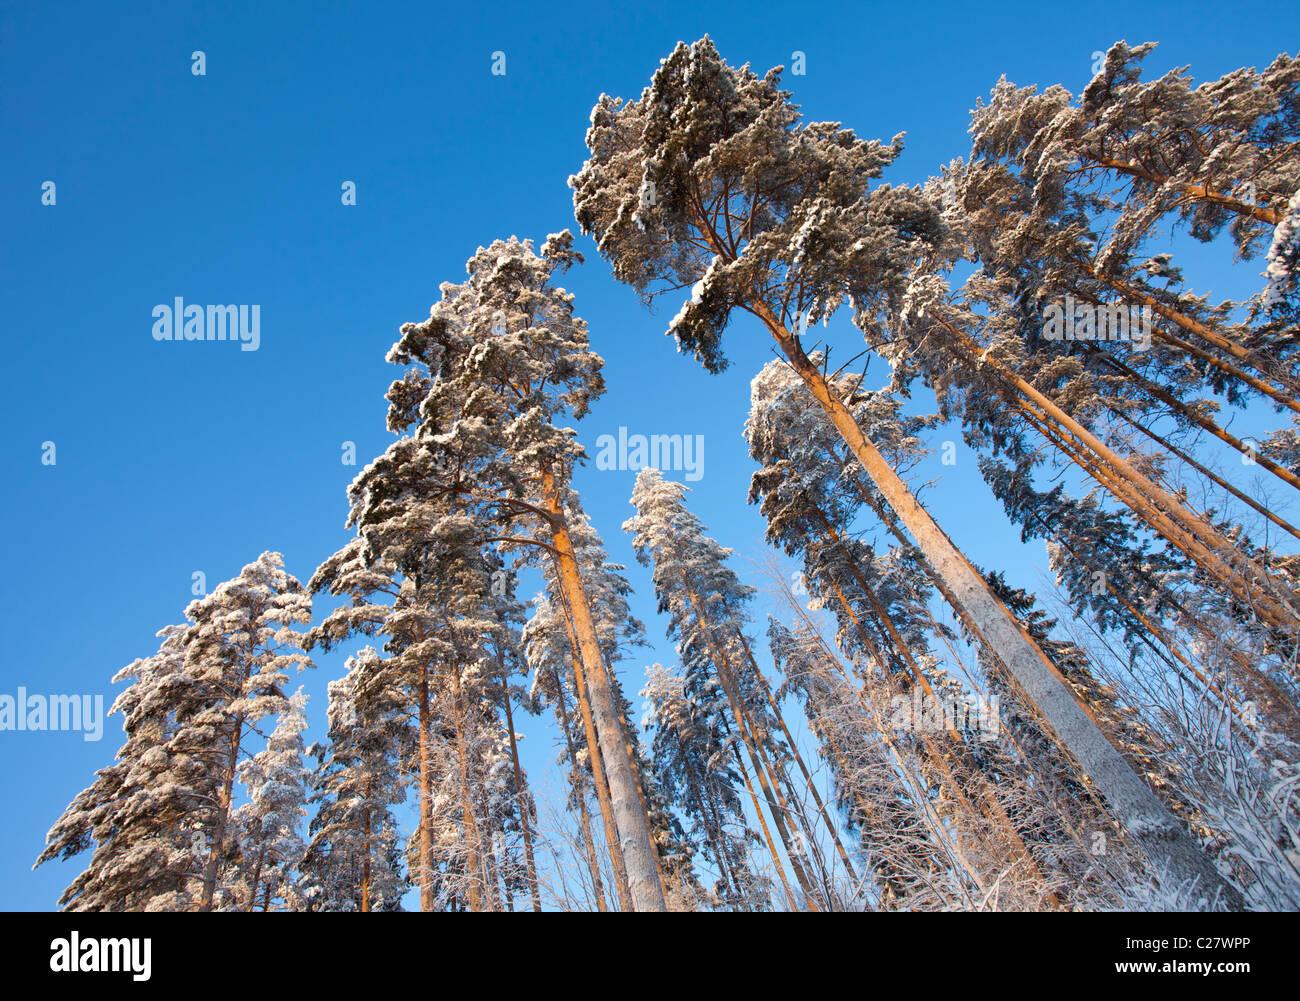 Pinos finlandeses ( Pinus sylvestris ) vistos desde abajo en invierno en el bosque de taiga , Finlandia Foto de stock